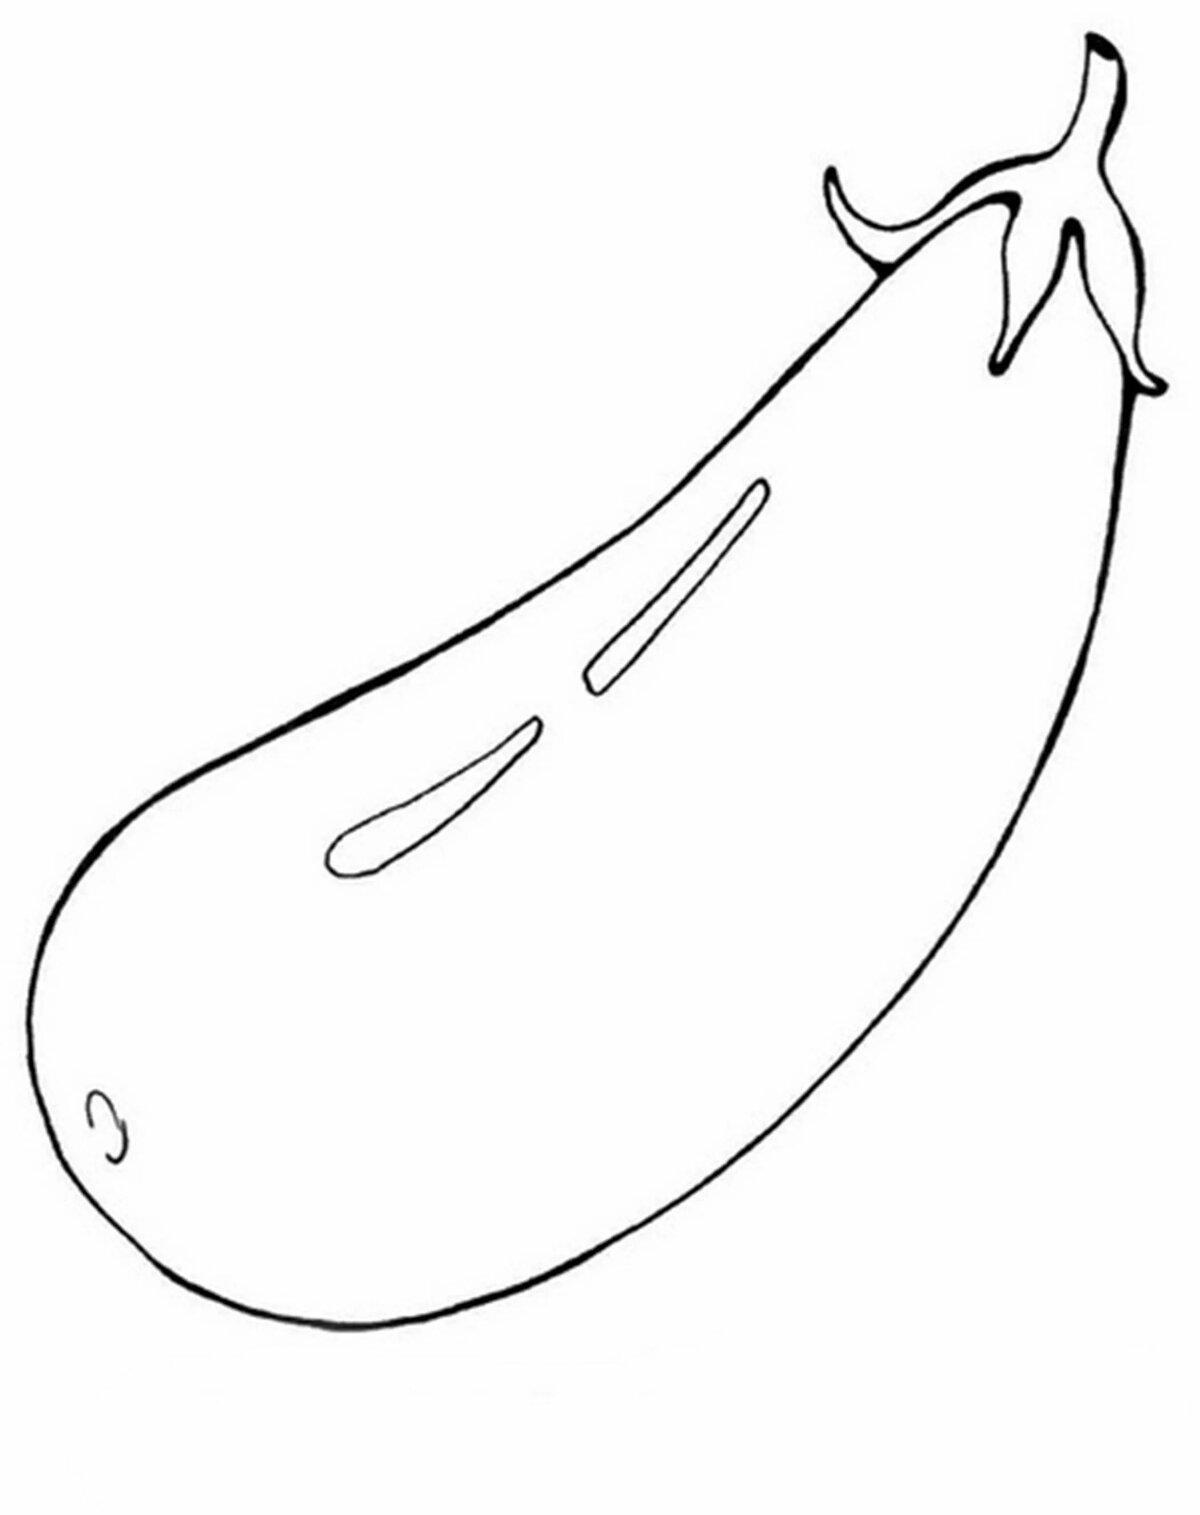 маленькой картинки овощей и фруктов по отдельности черно белые является ярким персонажем